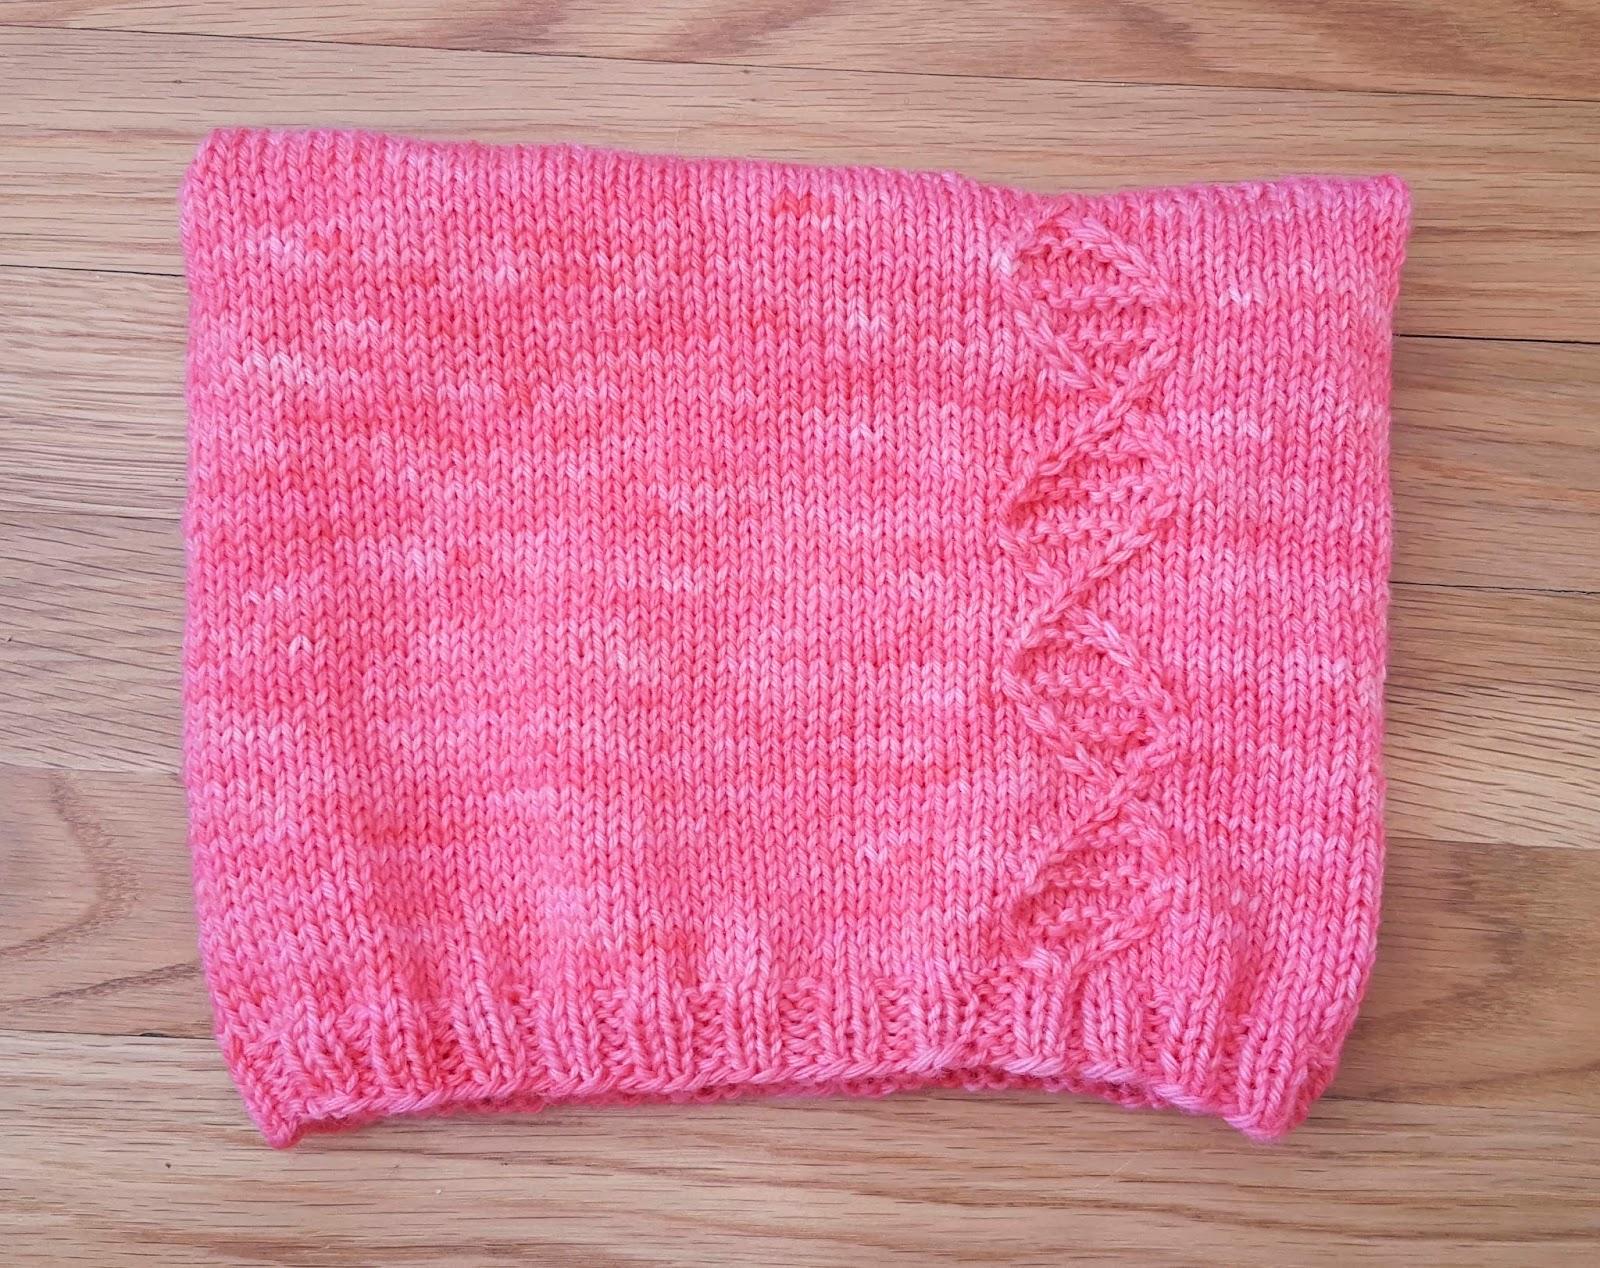 09a943e7be4c ChemKnits  GENEie Pussyhat Knitting Pattern